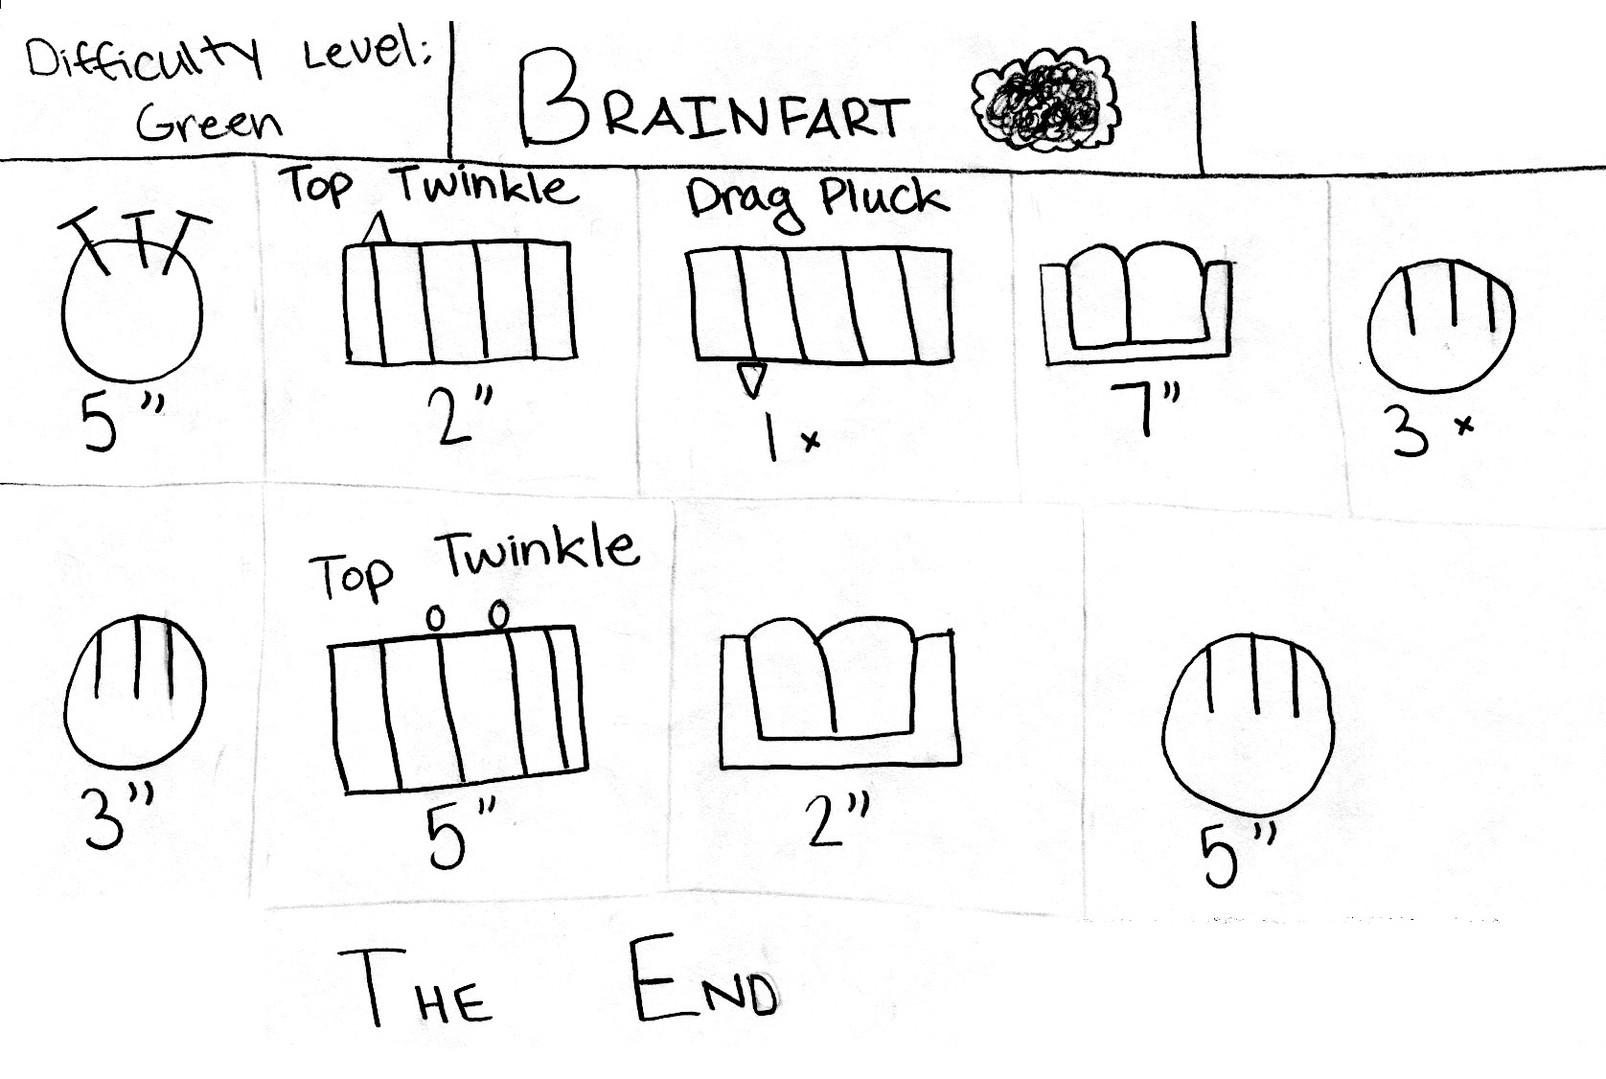 Brainfart (Green Level)